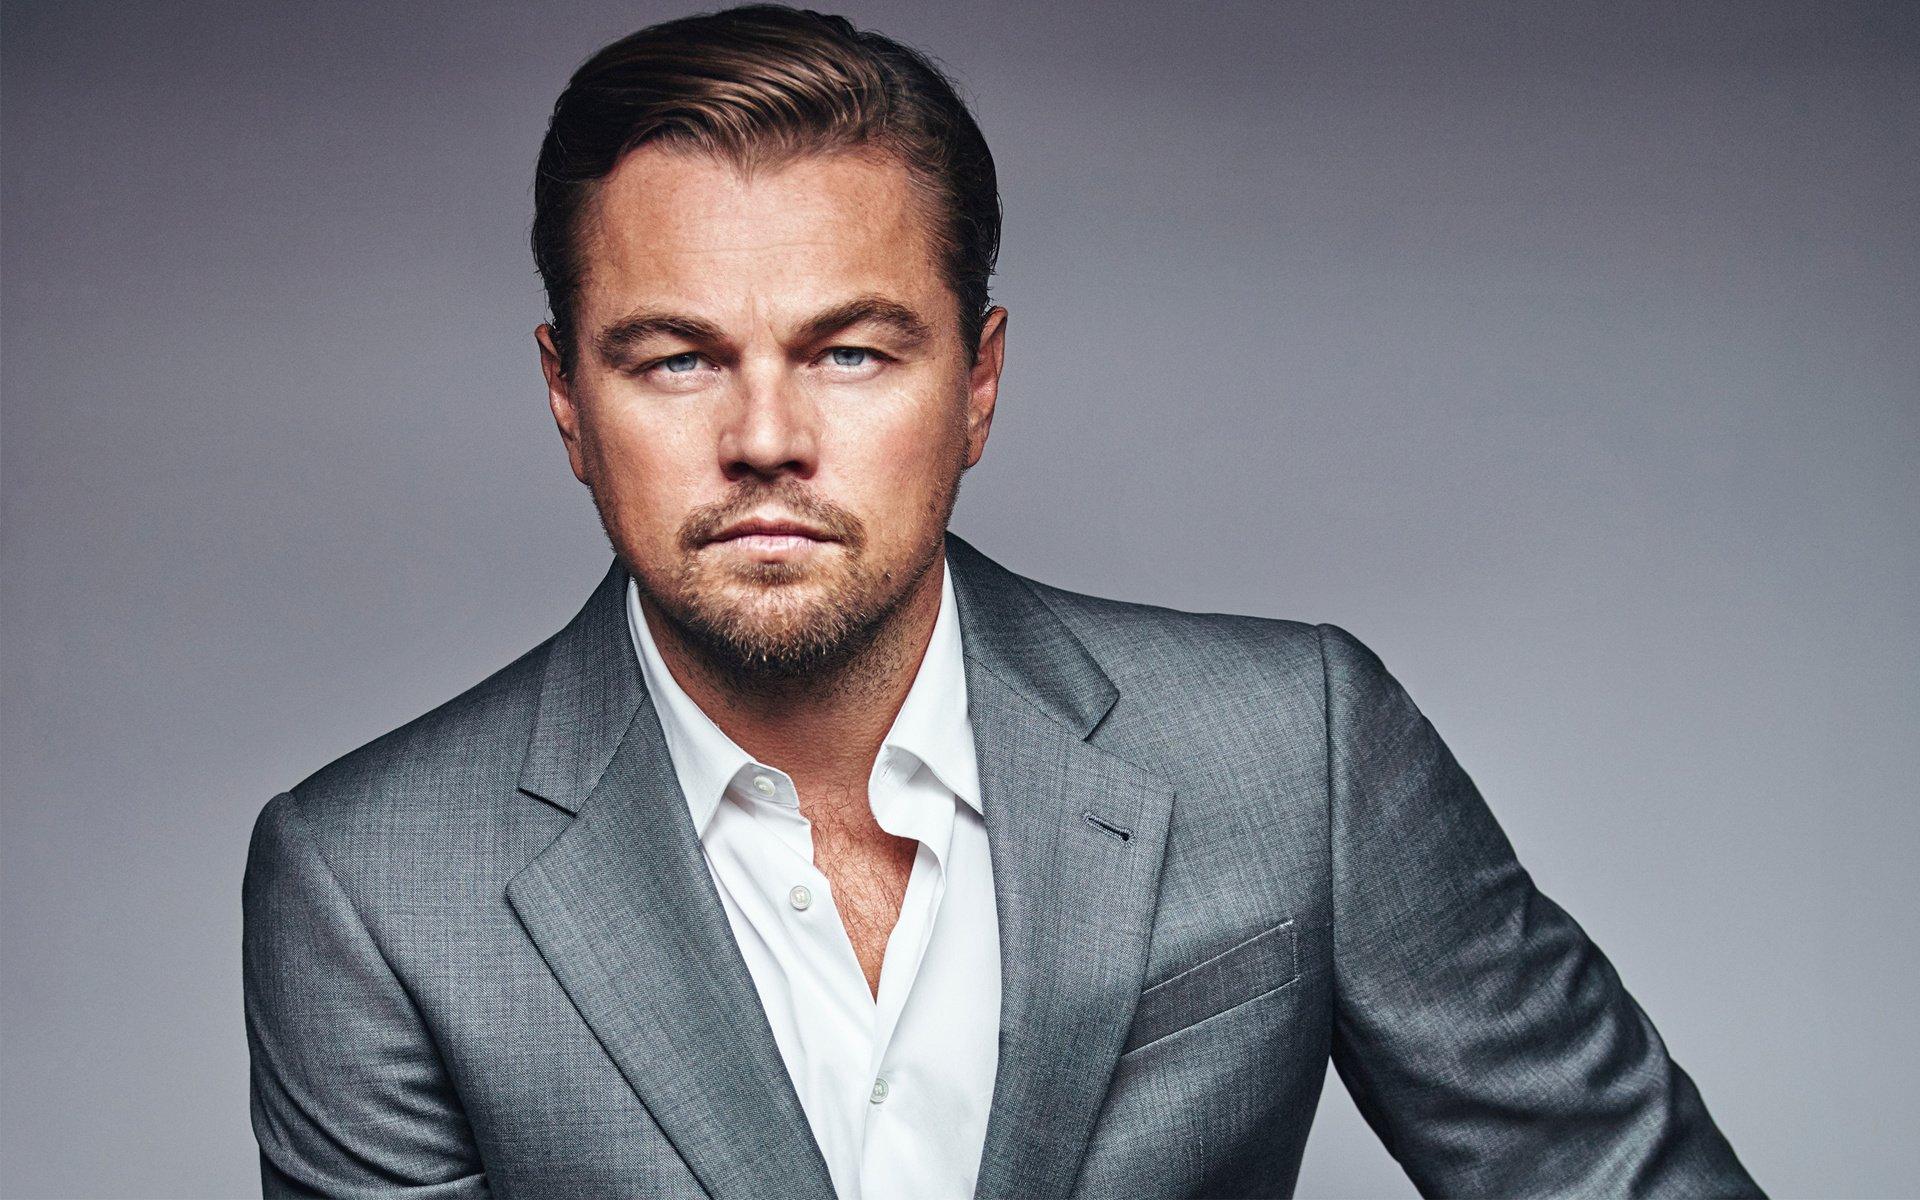 Цитаты знаменитых мужчин о том, какой должна быть идеальная женщина заморские звезды,развлечение,шоу,шоубиz,шоубиз